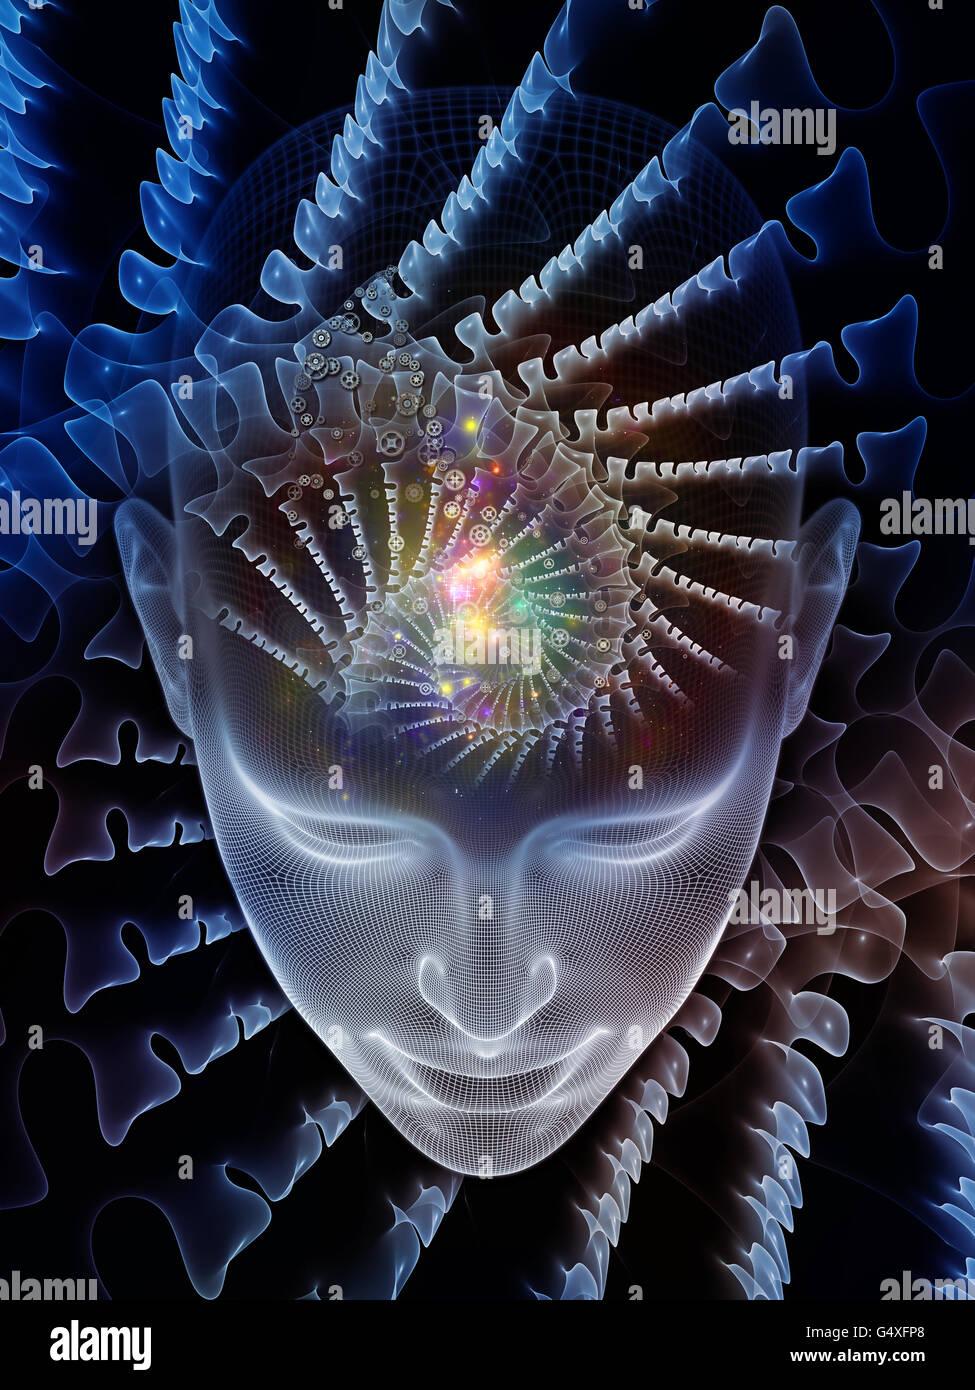 Visión en mente series. Composición de cabeza humana de renderizado y elemento conceptual sobre el tema Imagen De Stock